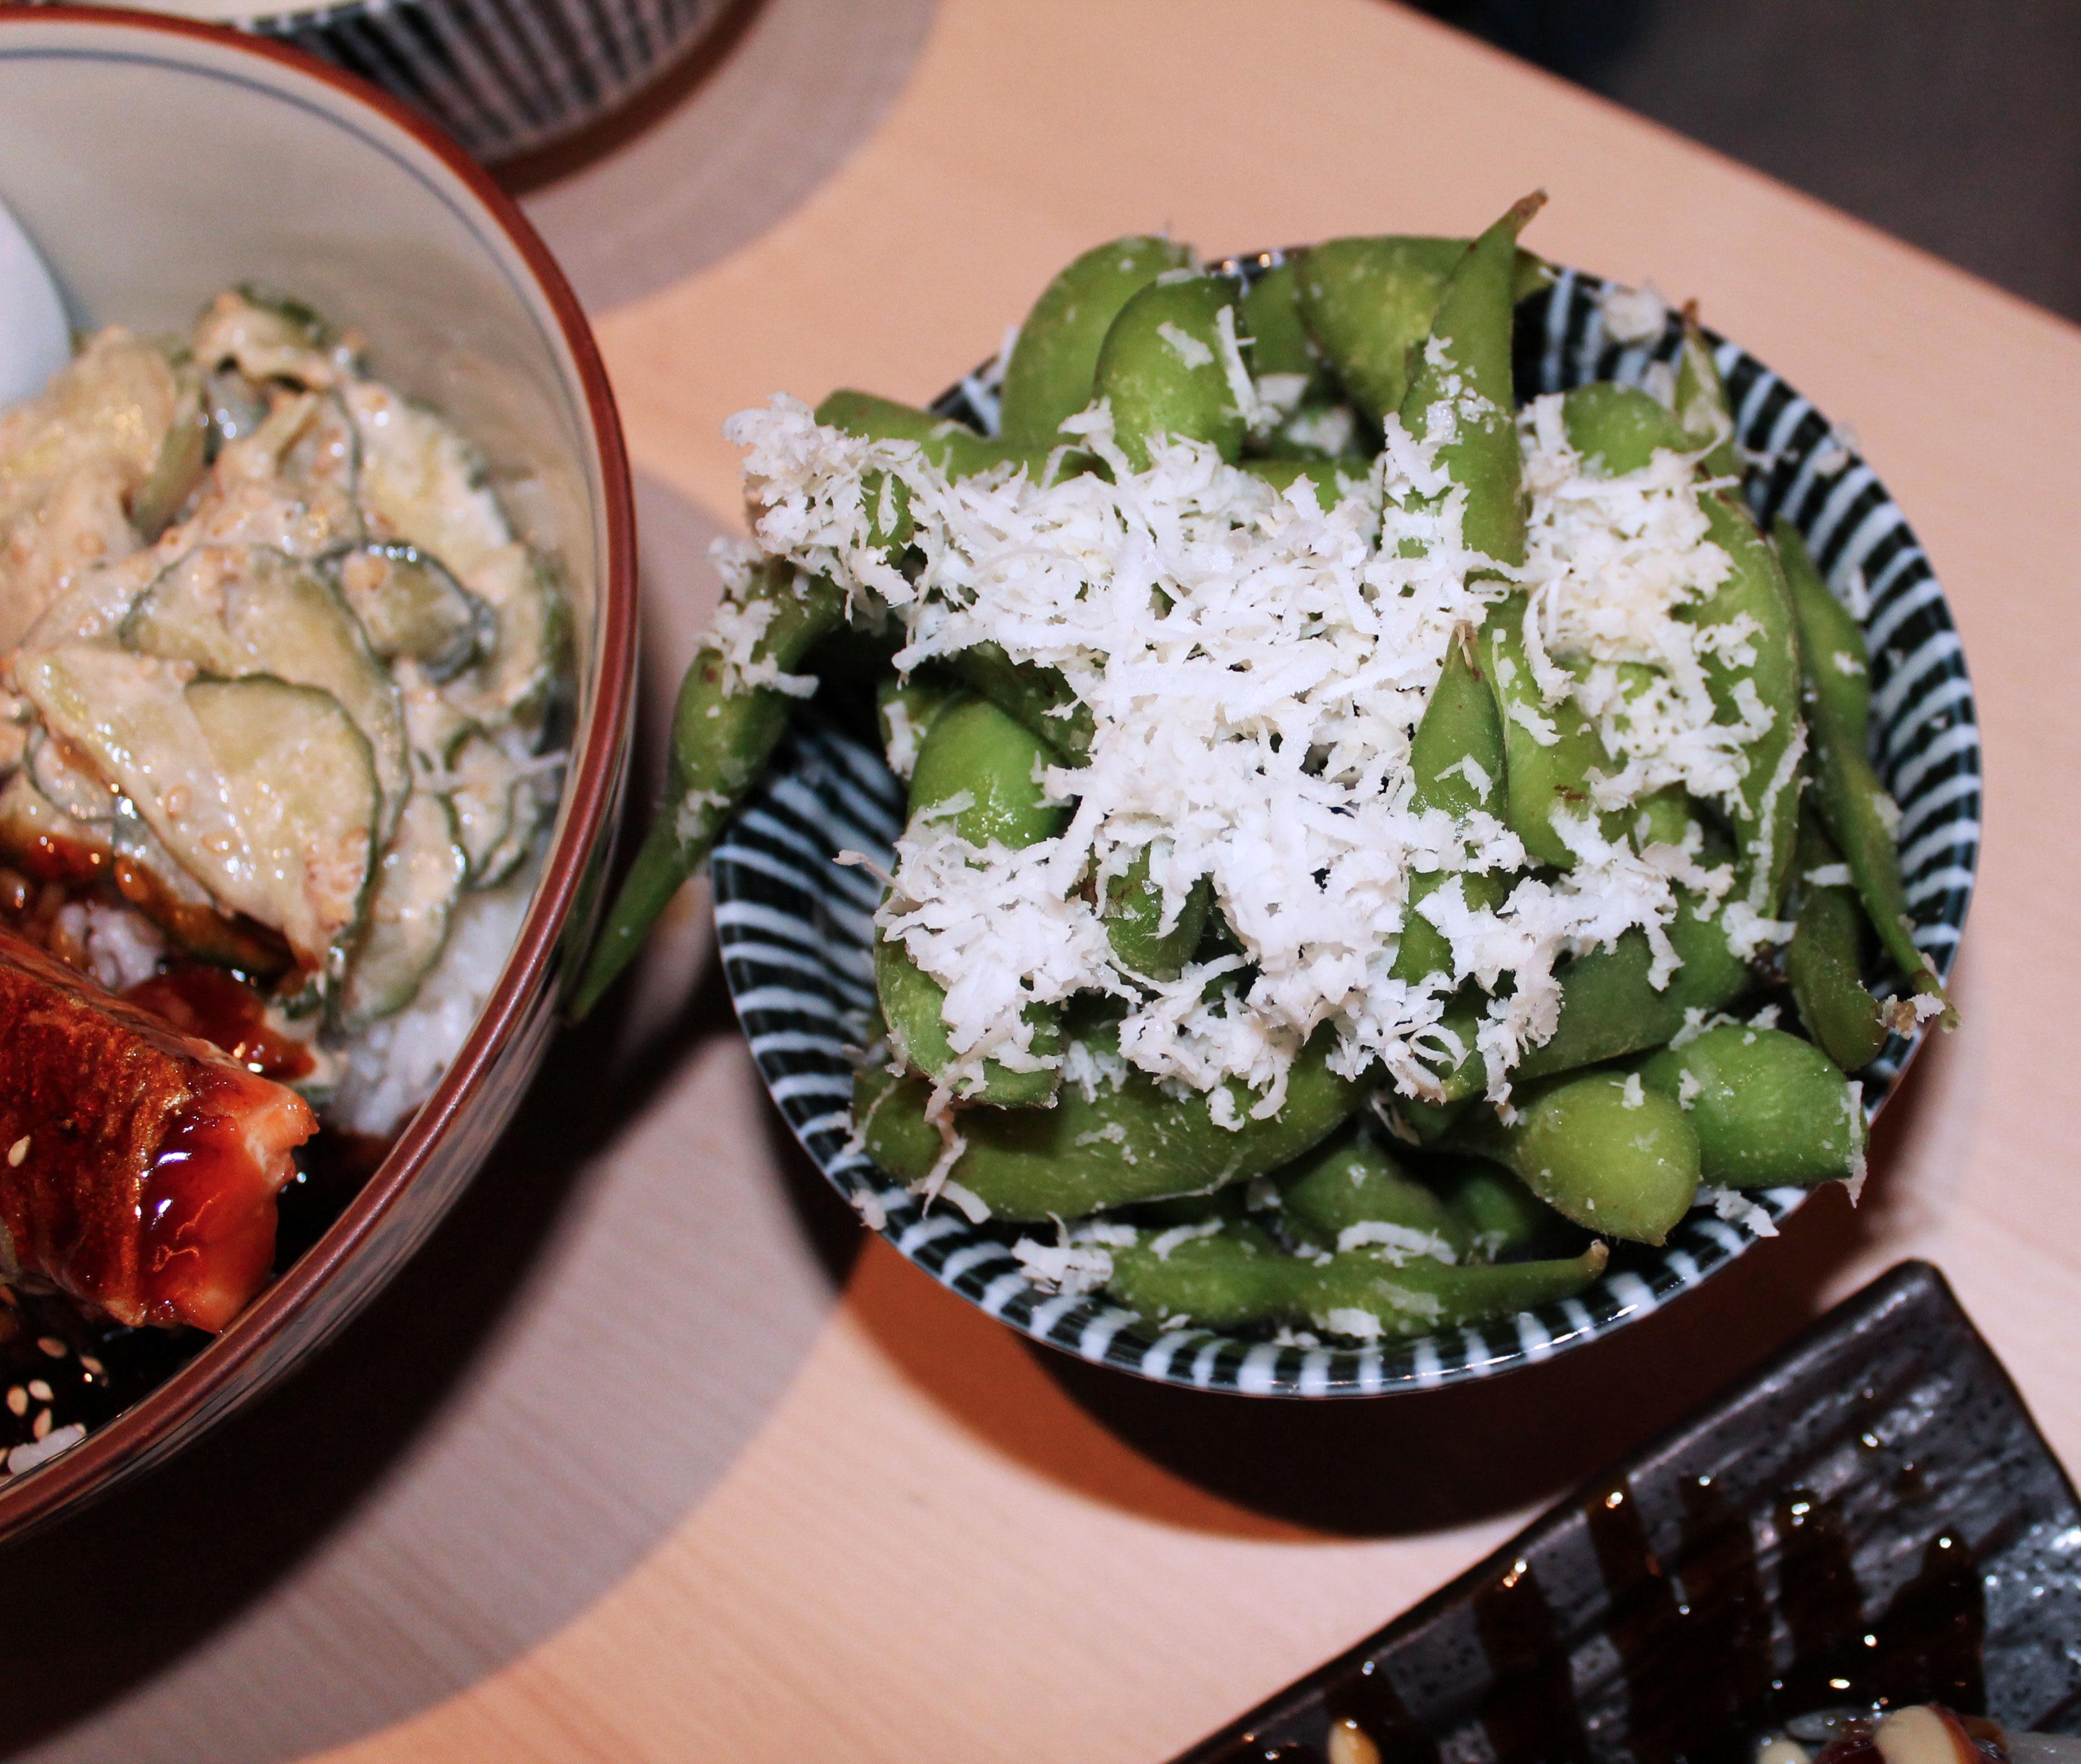 kardiaserena-iki-restaurant-erste-campus-lokaltippedamame-sojabohnen